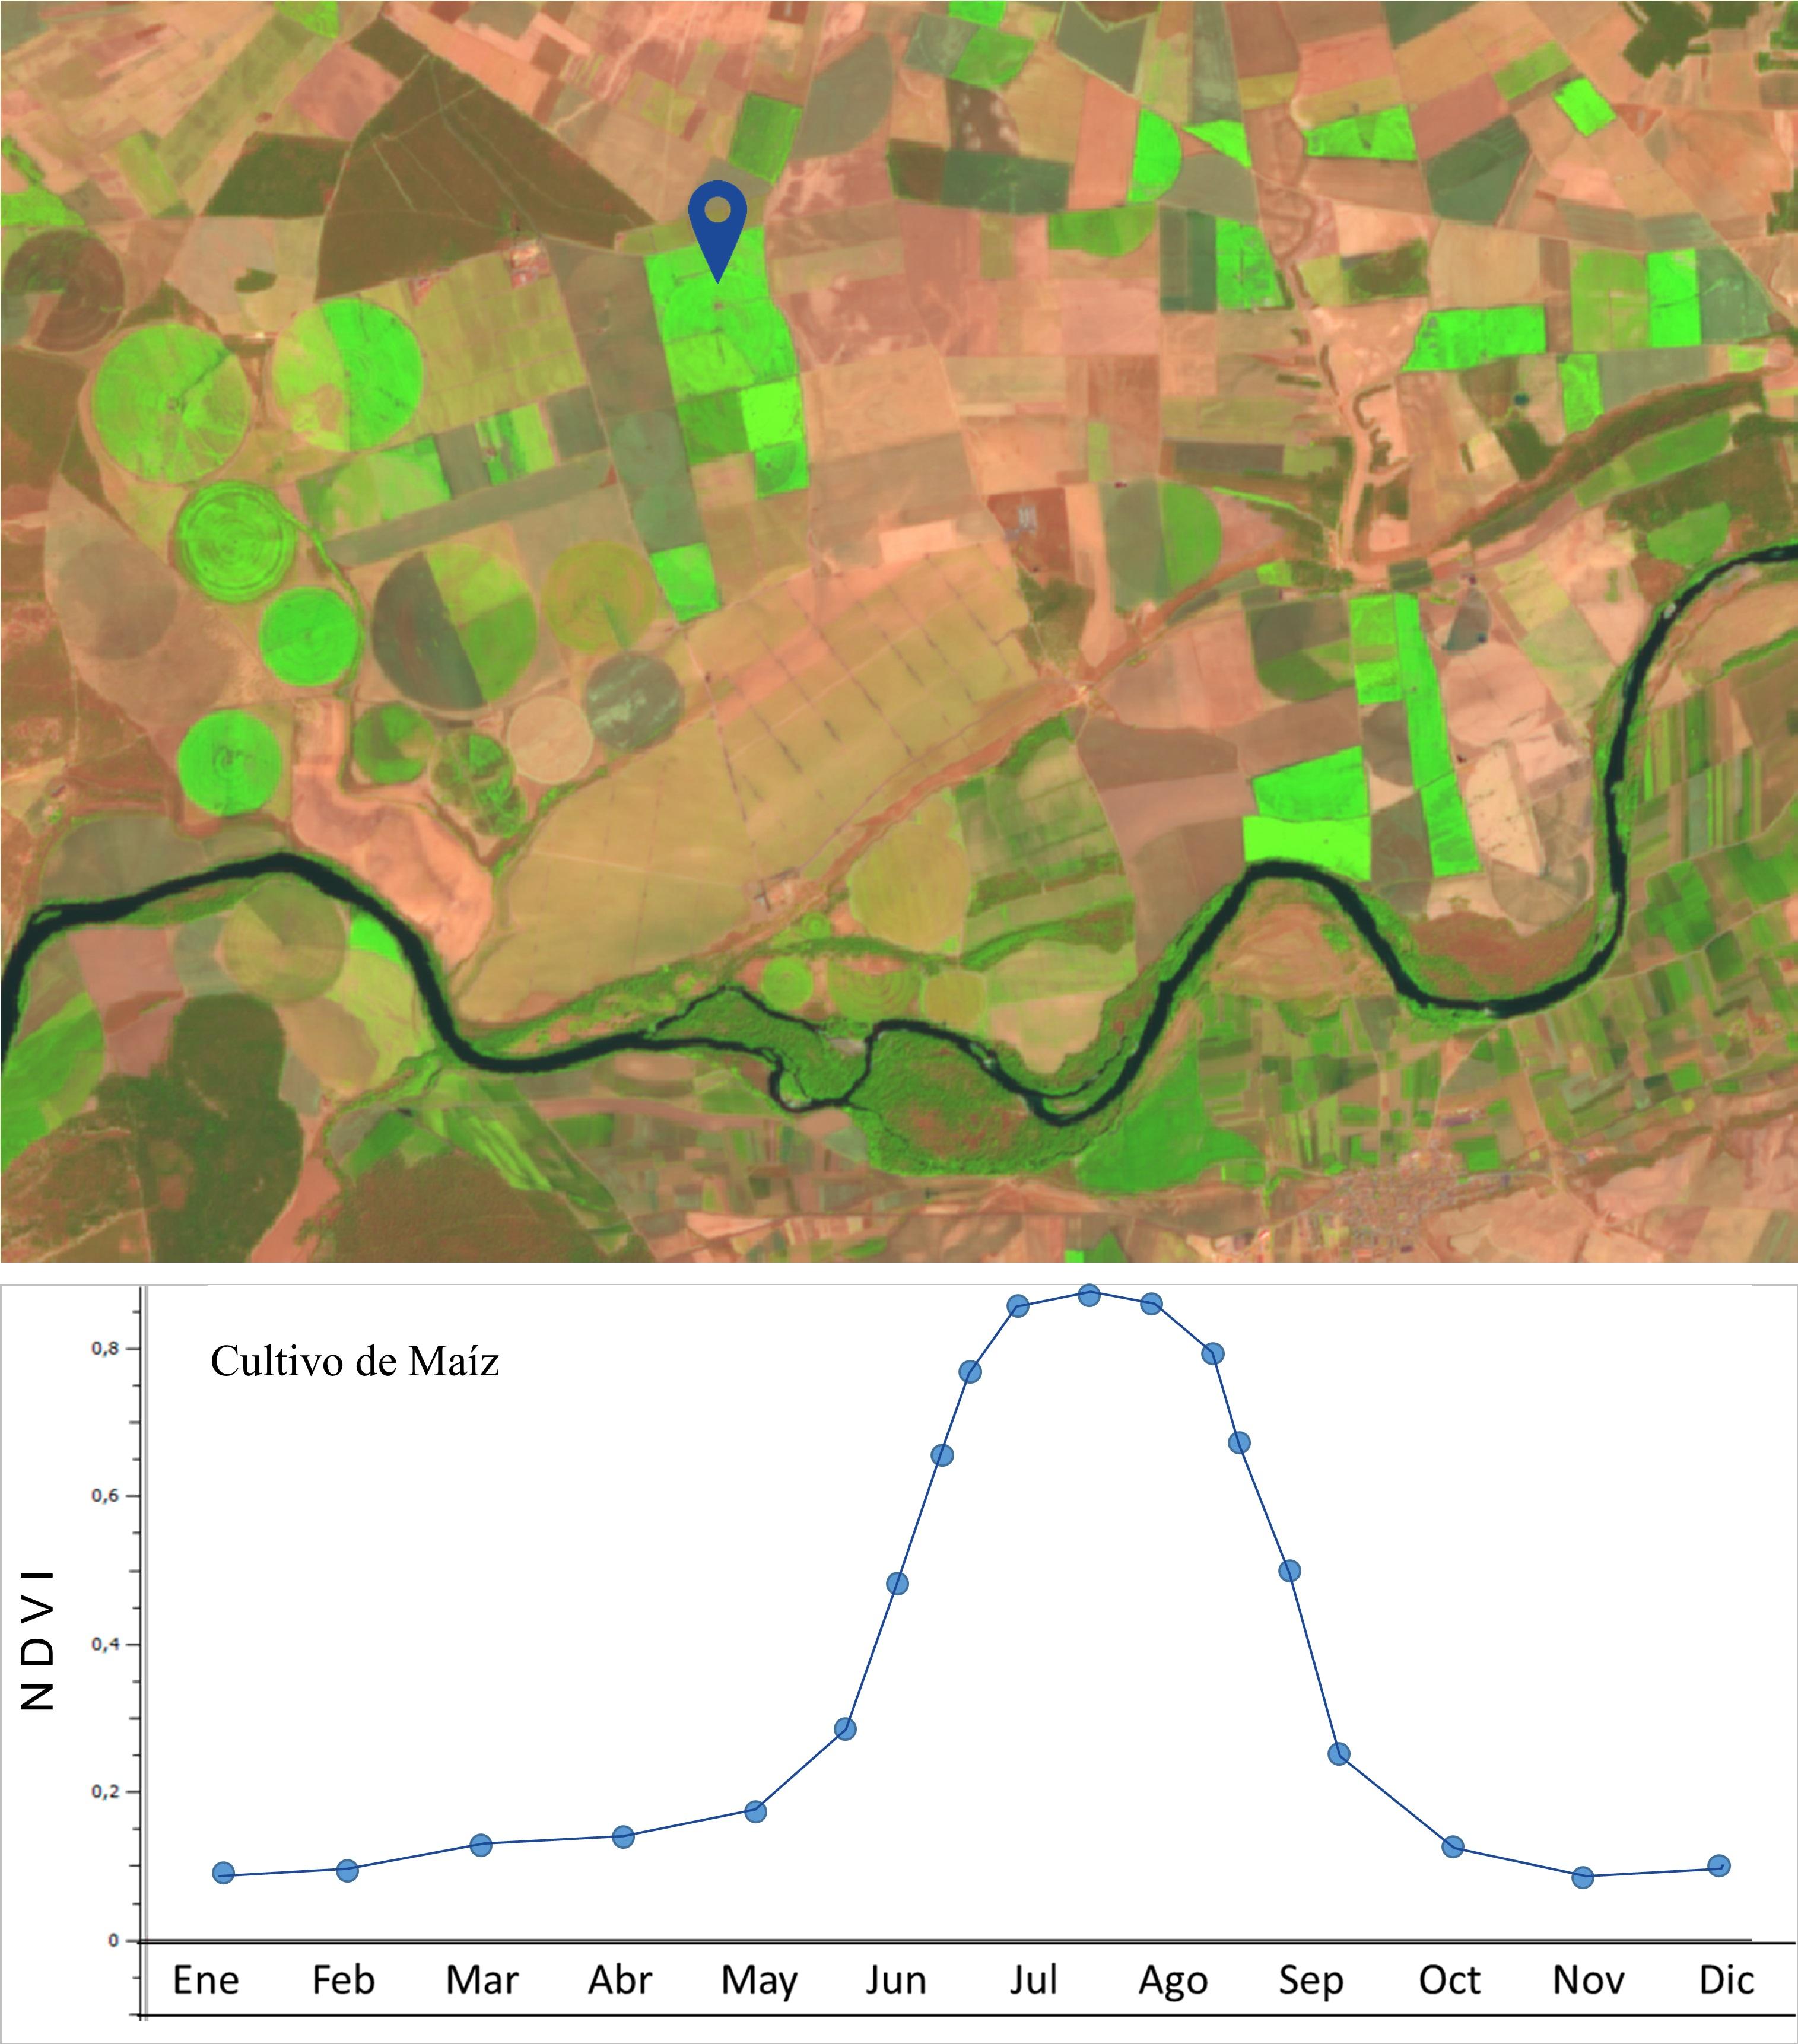 La Universidad de Salamanca desarrolla un software libre para controlar los recursos hídricos de la Cuenca del Duero